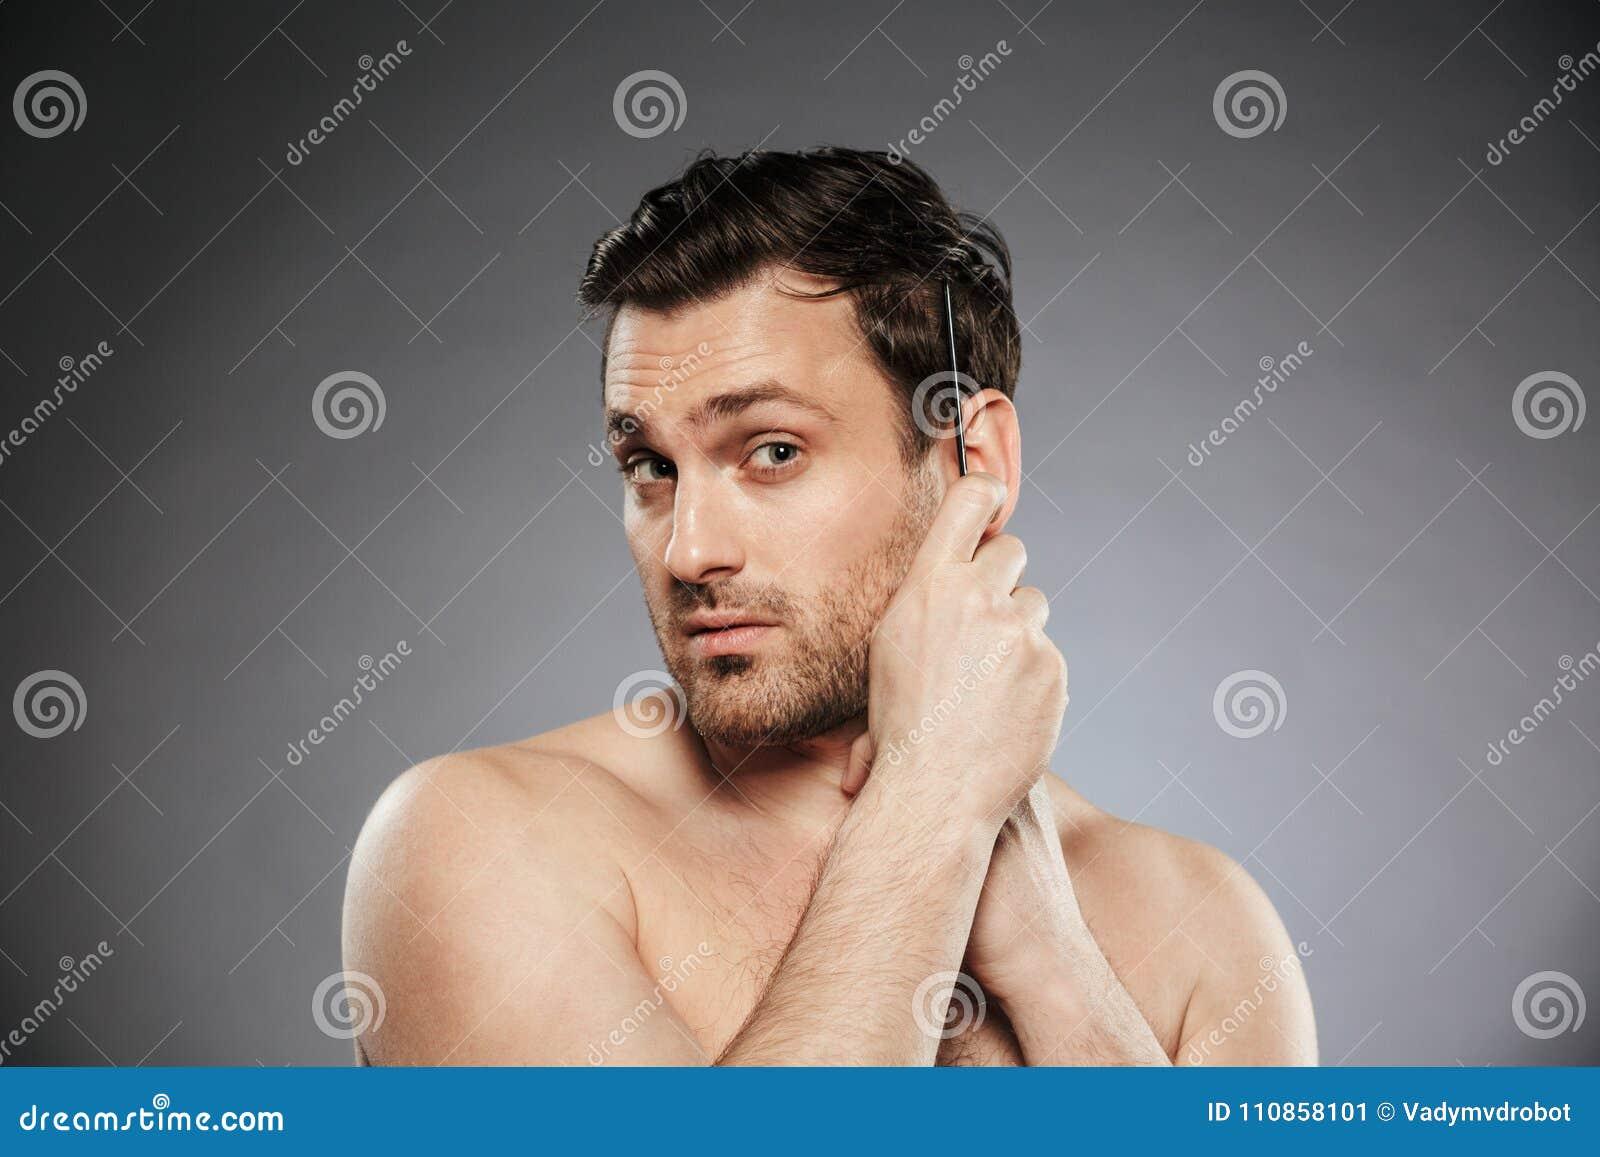 Retrato de um homem descamisado seguro que penteia seu cabelo